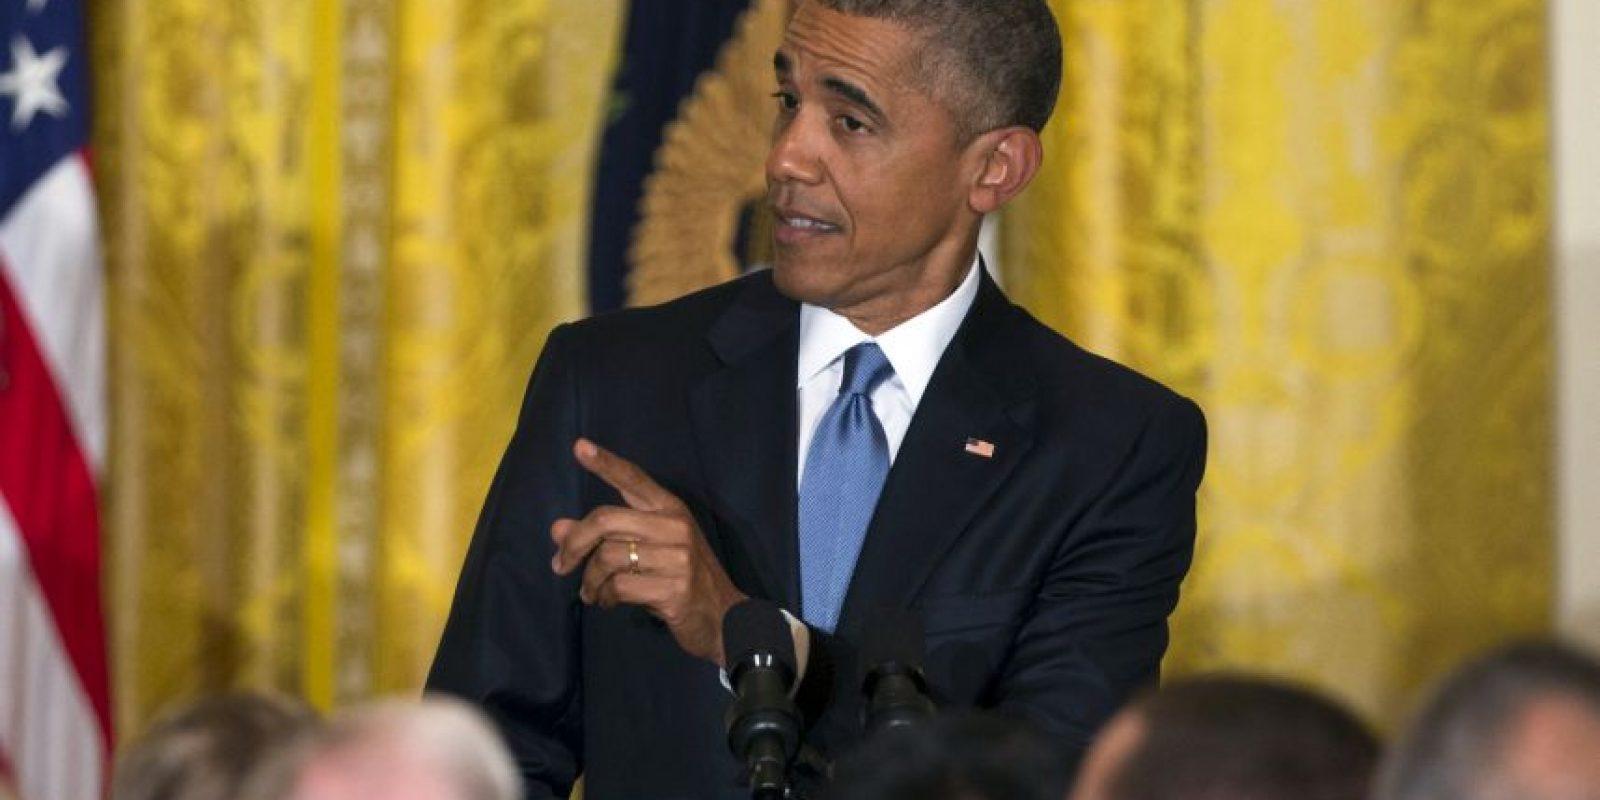 Asumió el cargo el 20 de enero de 2009 Foto:AP